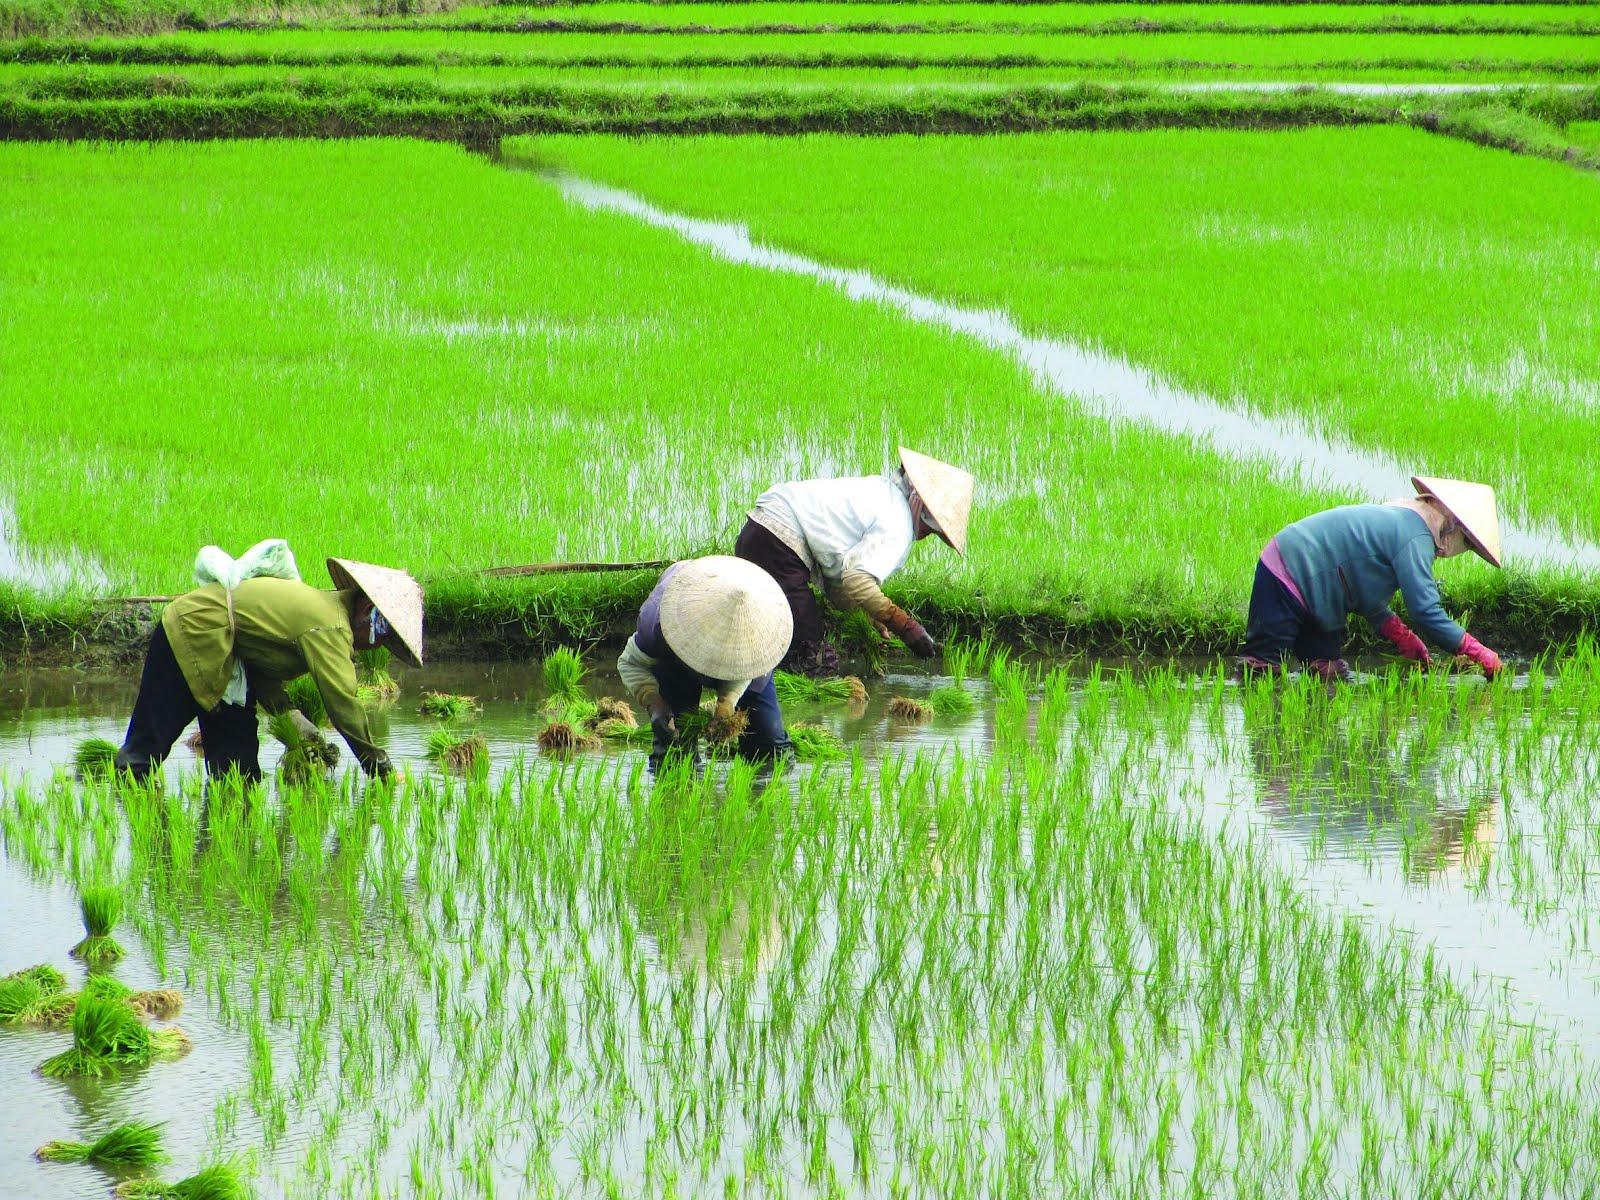 Chinos trabajando en un campo de arroz